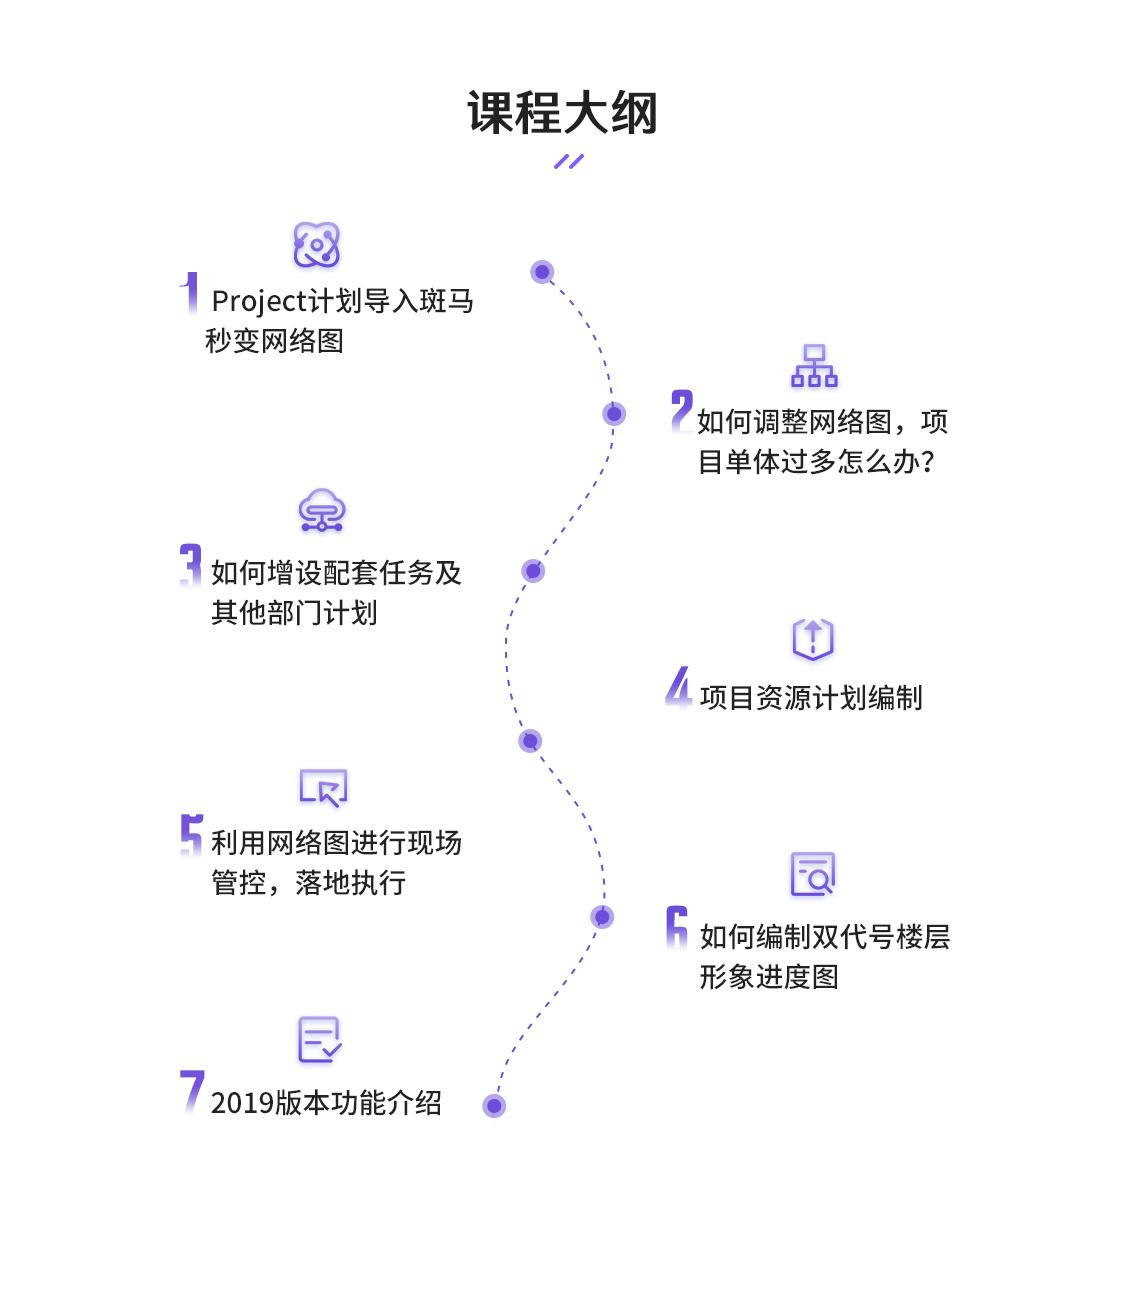 结合工程项目实际案例,手把手教你学会用斑马梦龙编制时标网络图进行施工进度管理。